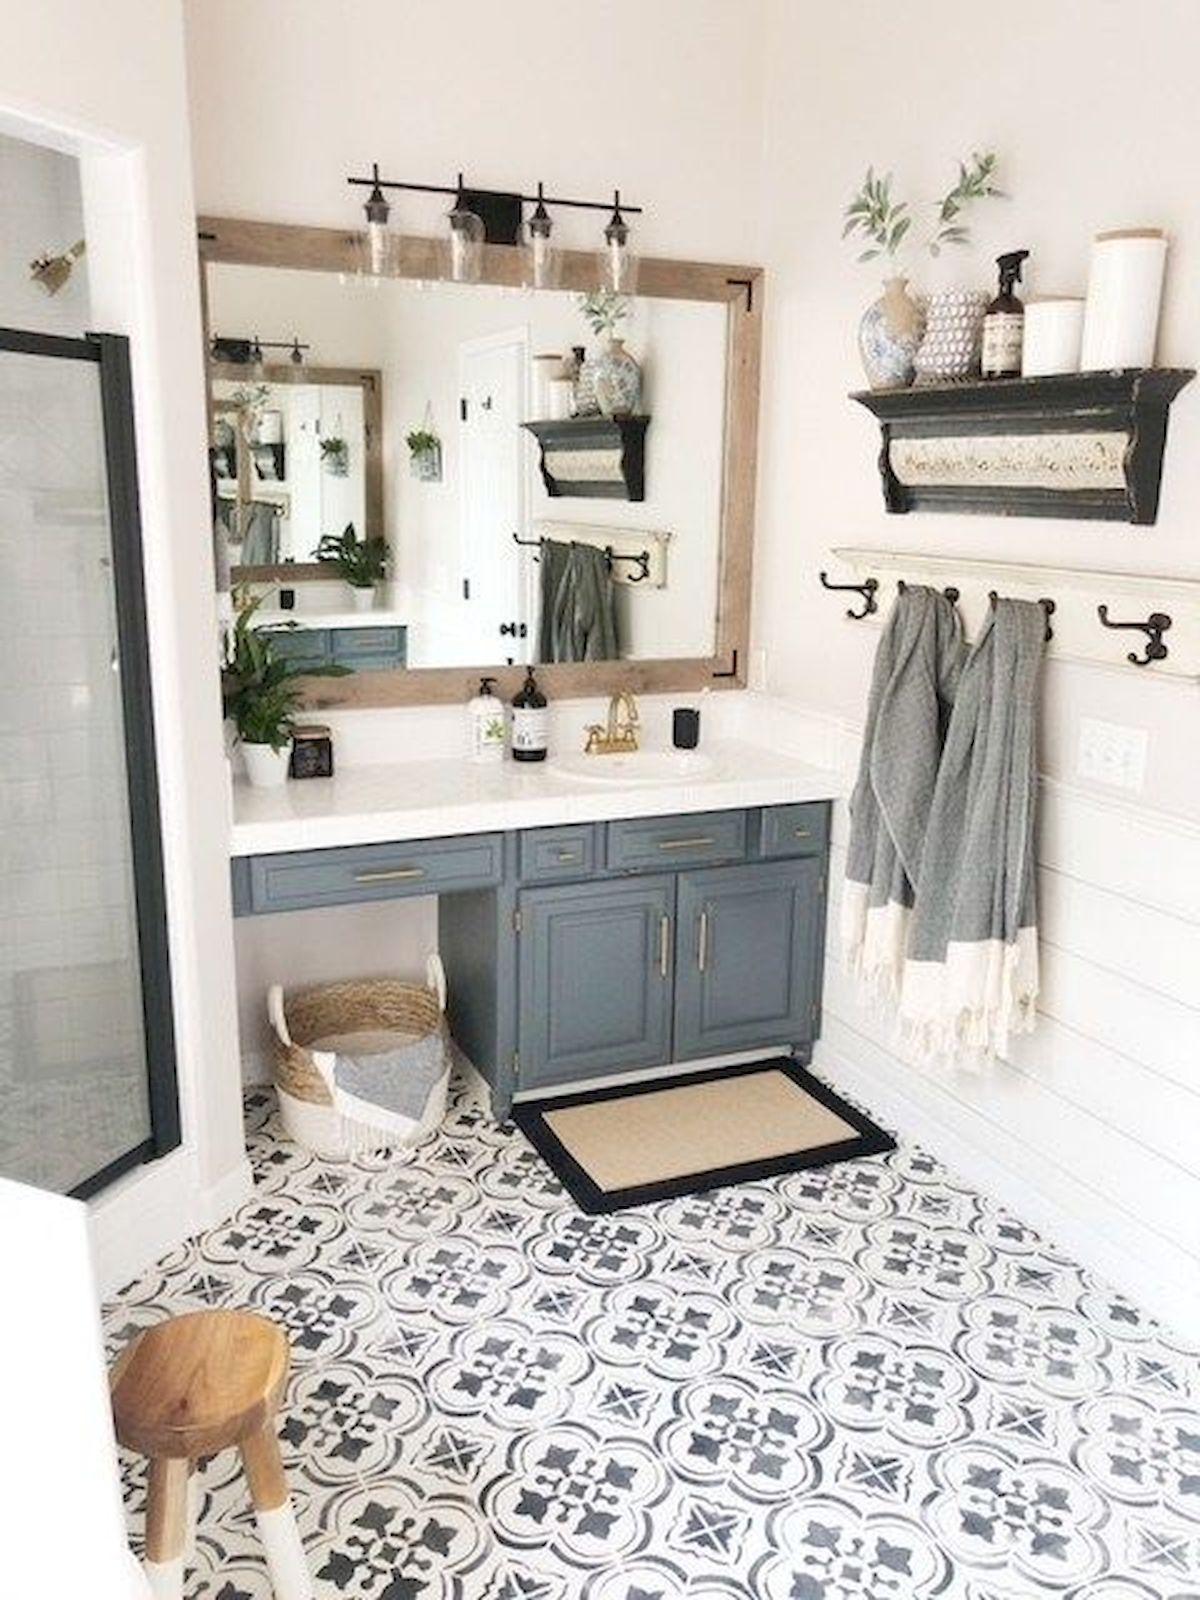 lovely bathroom decor ideas with farmhouse style pinterest house and also rh